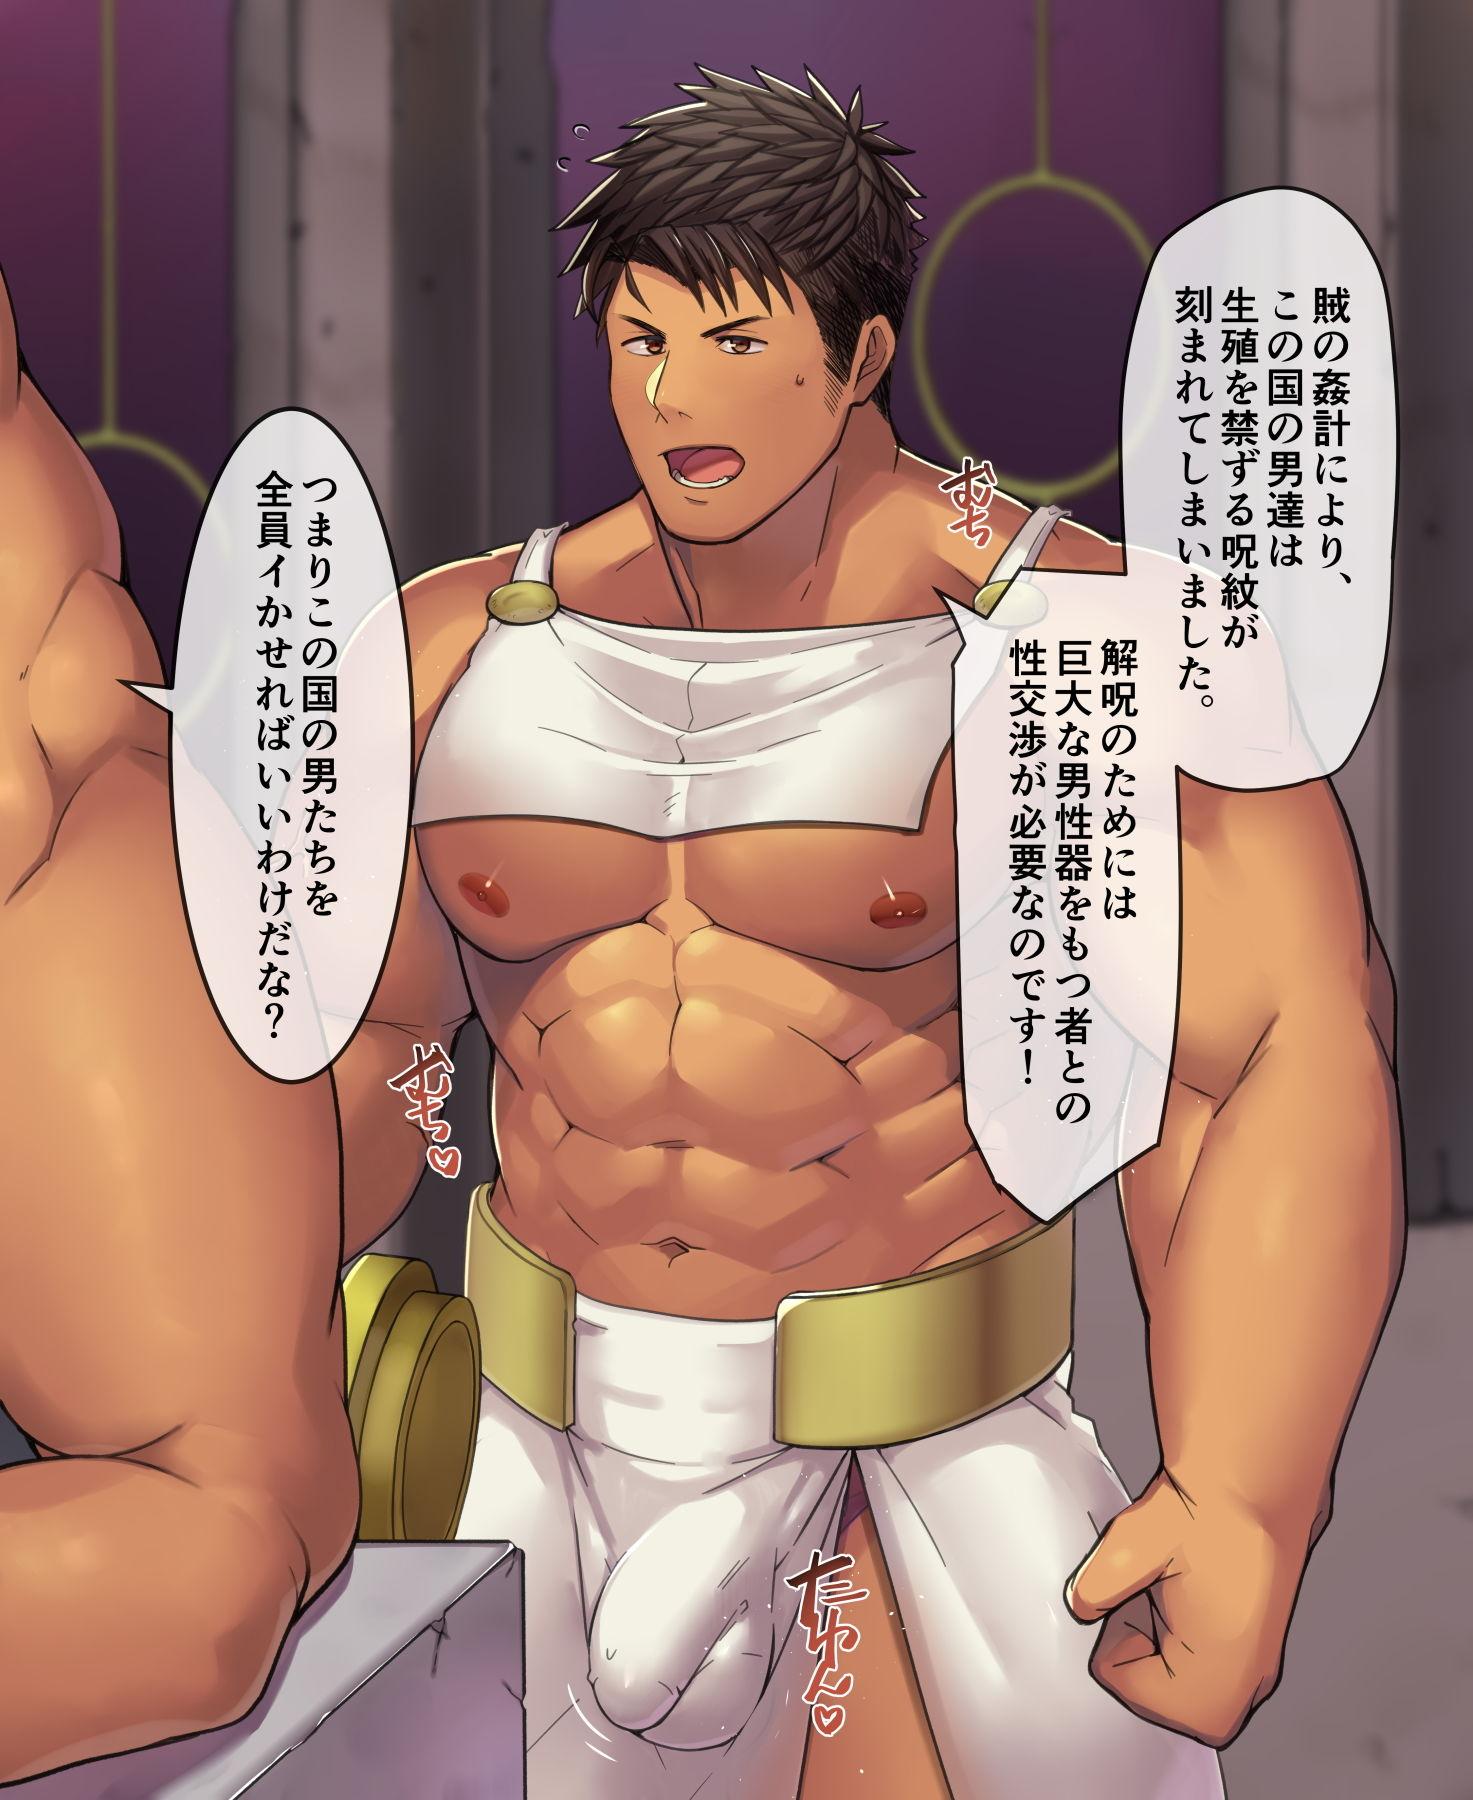 異世界筋肉ノンケ達と生ハメ雄交尾!